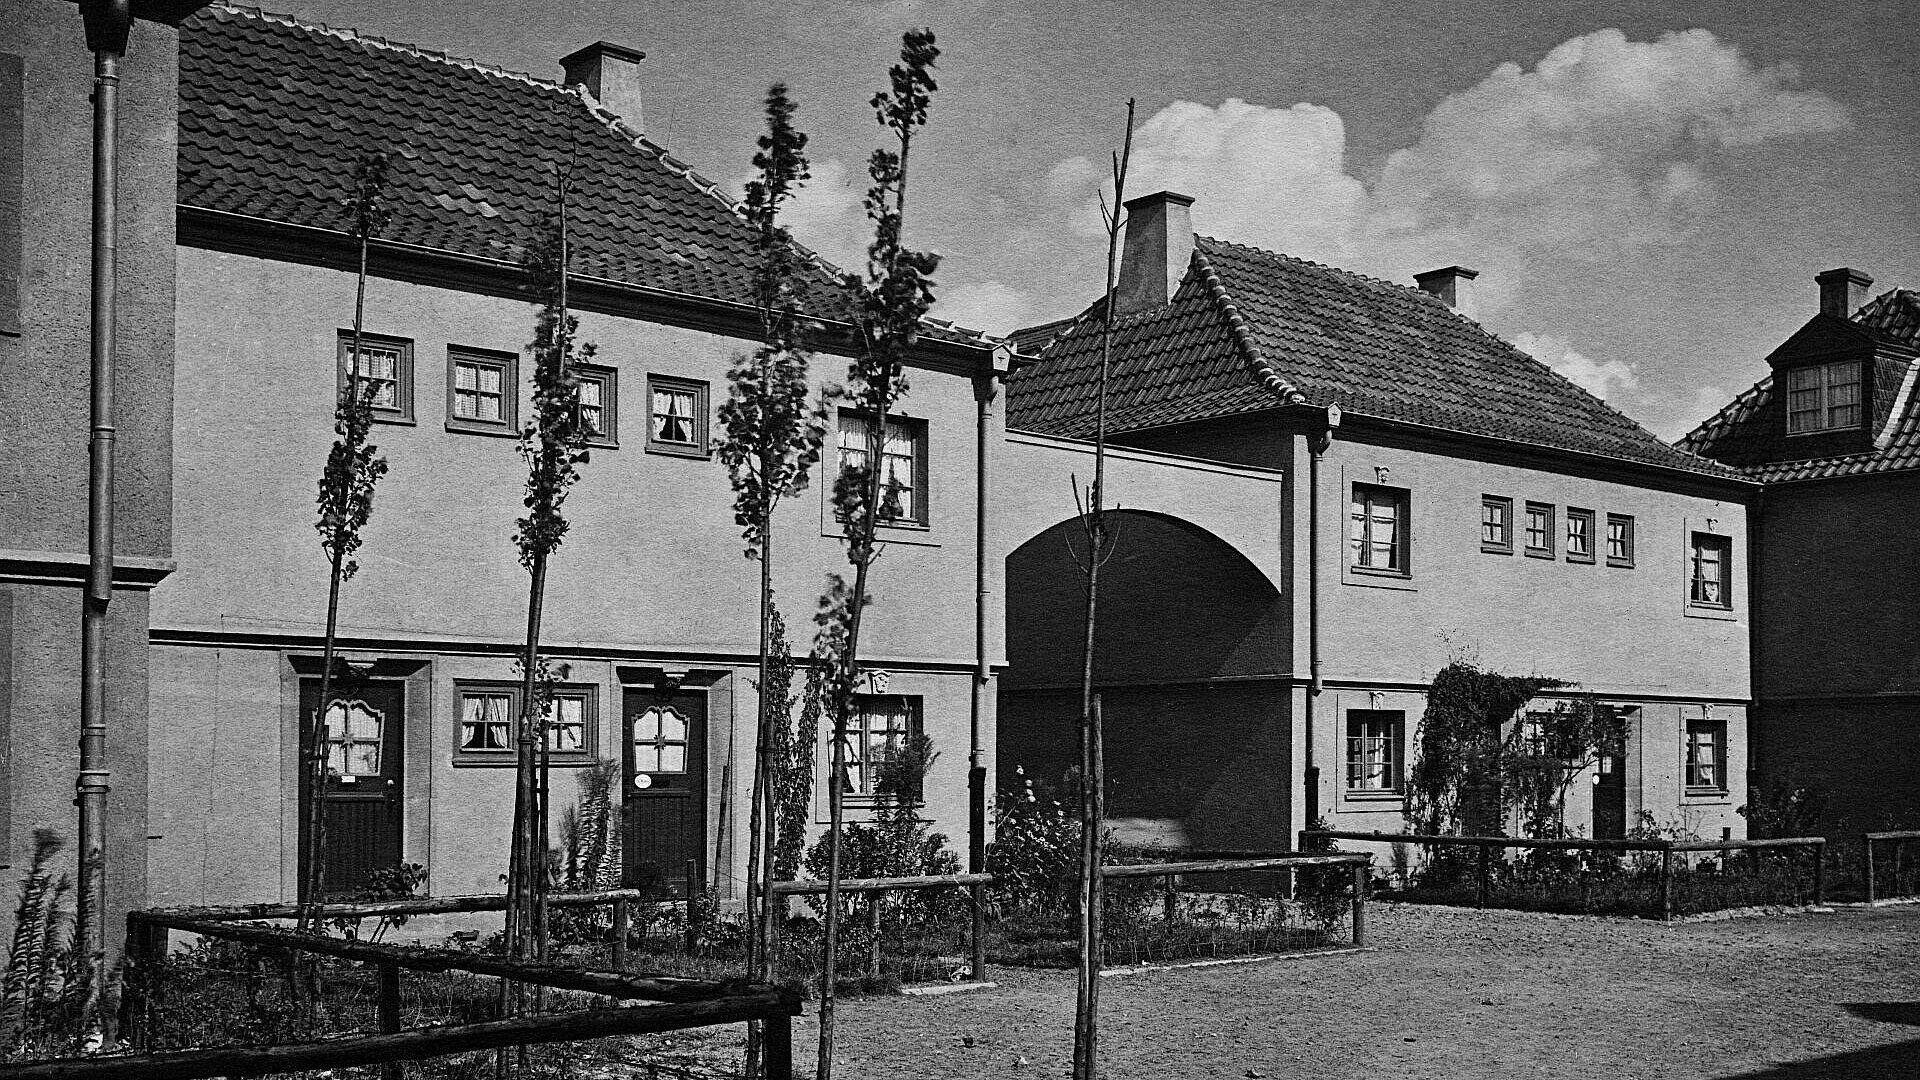 Historisches Foto von Häusern mit Vorgärten in der Siedlung Bickendorf I in Bickendorf